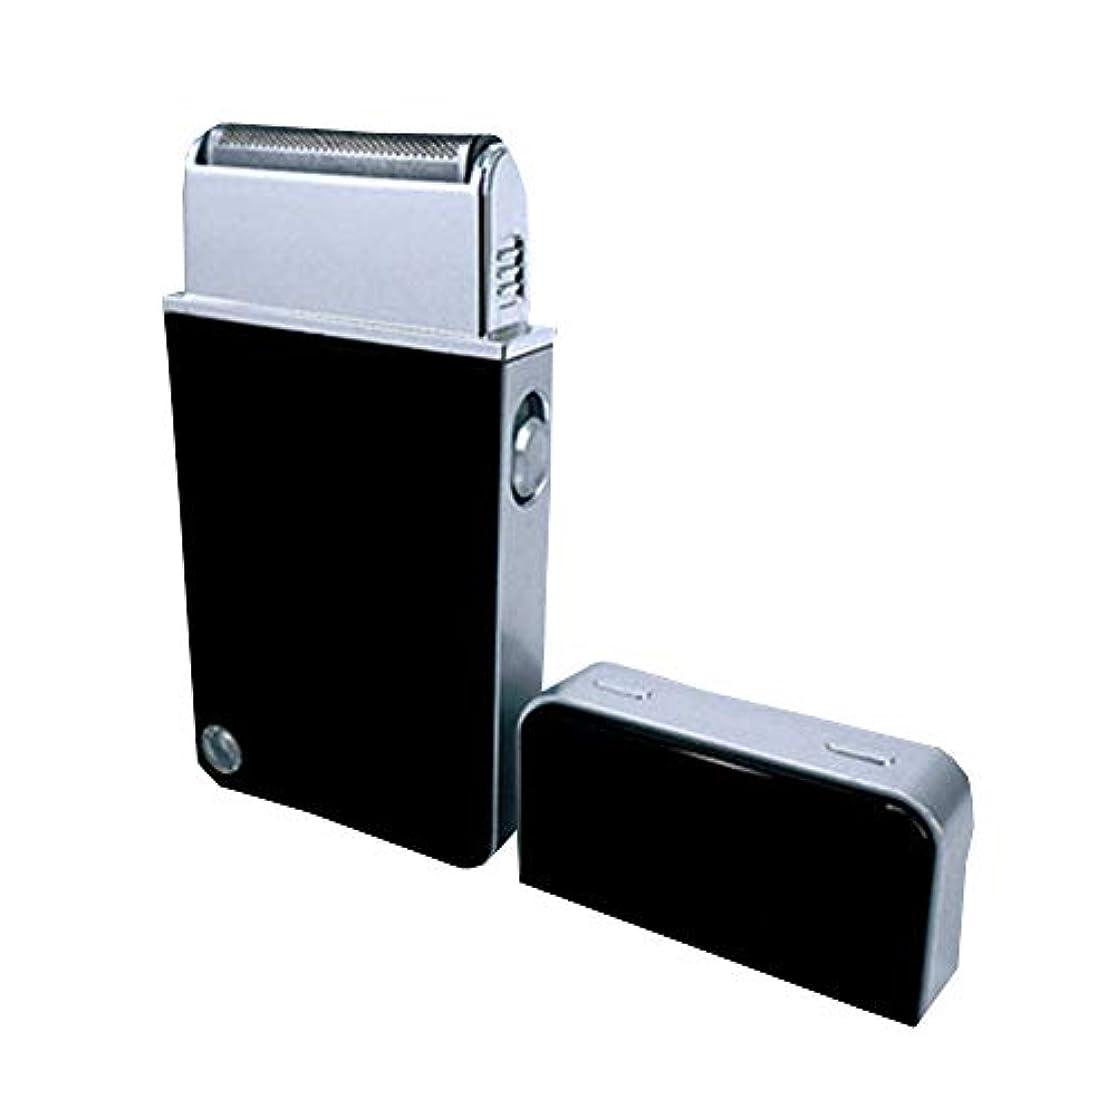 呼吸するイルわずかなメンズシェーバー USB充電式 電気シェーバー ひげ剃り コンパクト 携帯用シェーバー 旅行用 軽量 ギフトCSH004